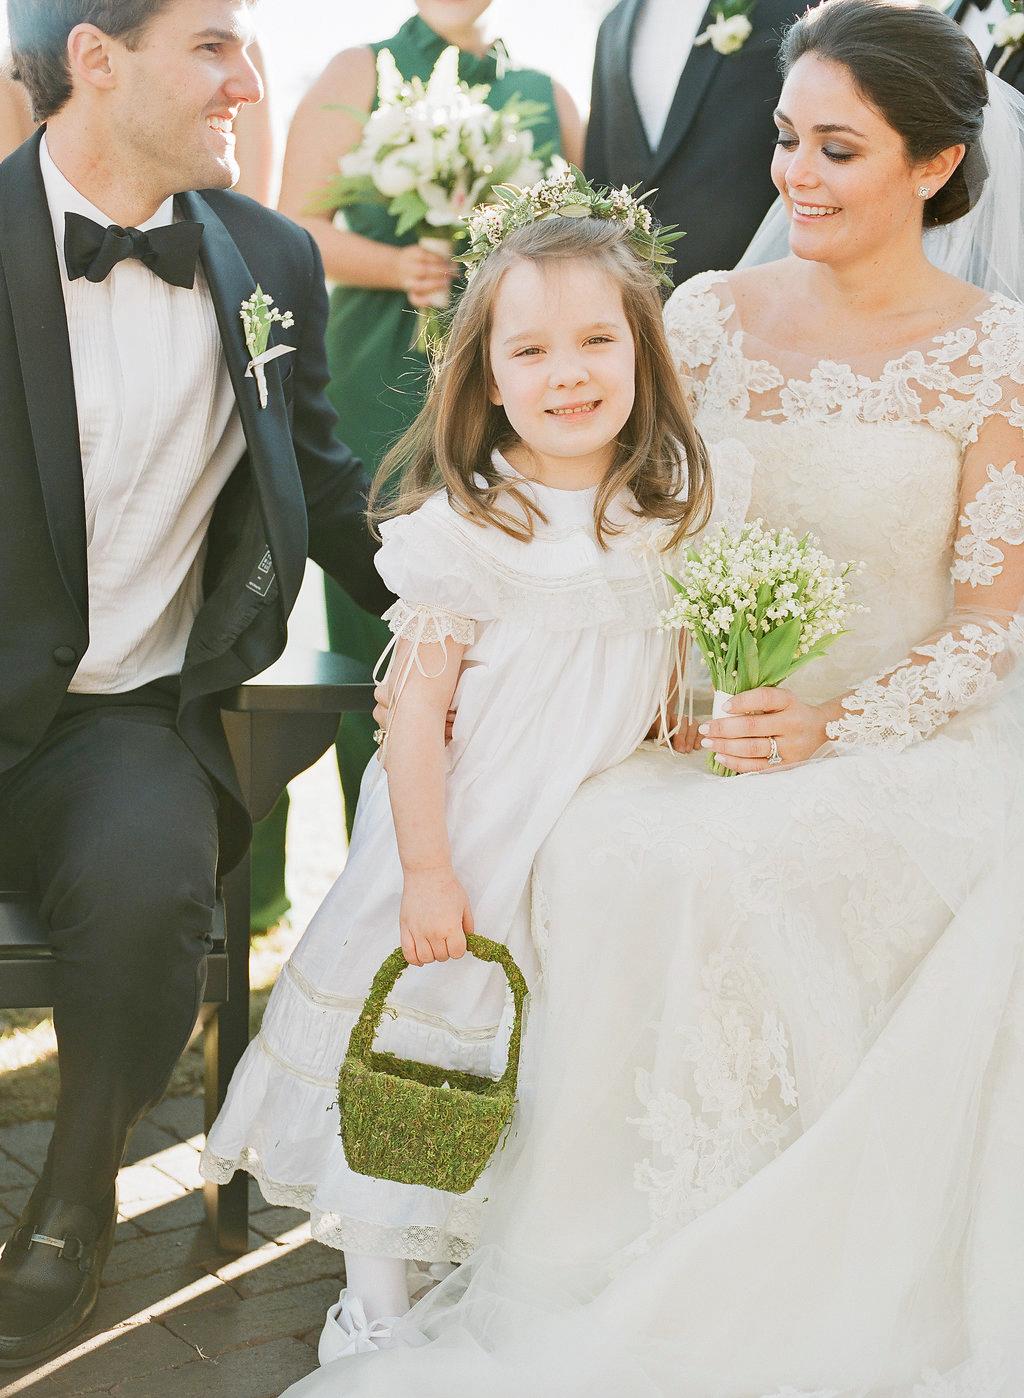 shelby barrett wedding flower girl